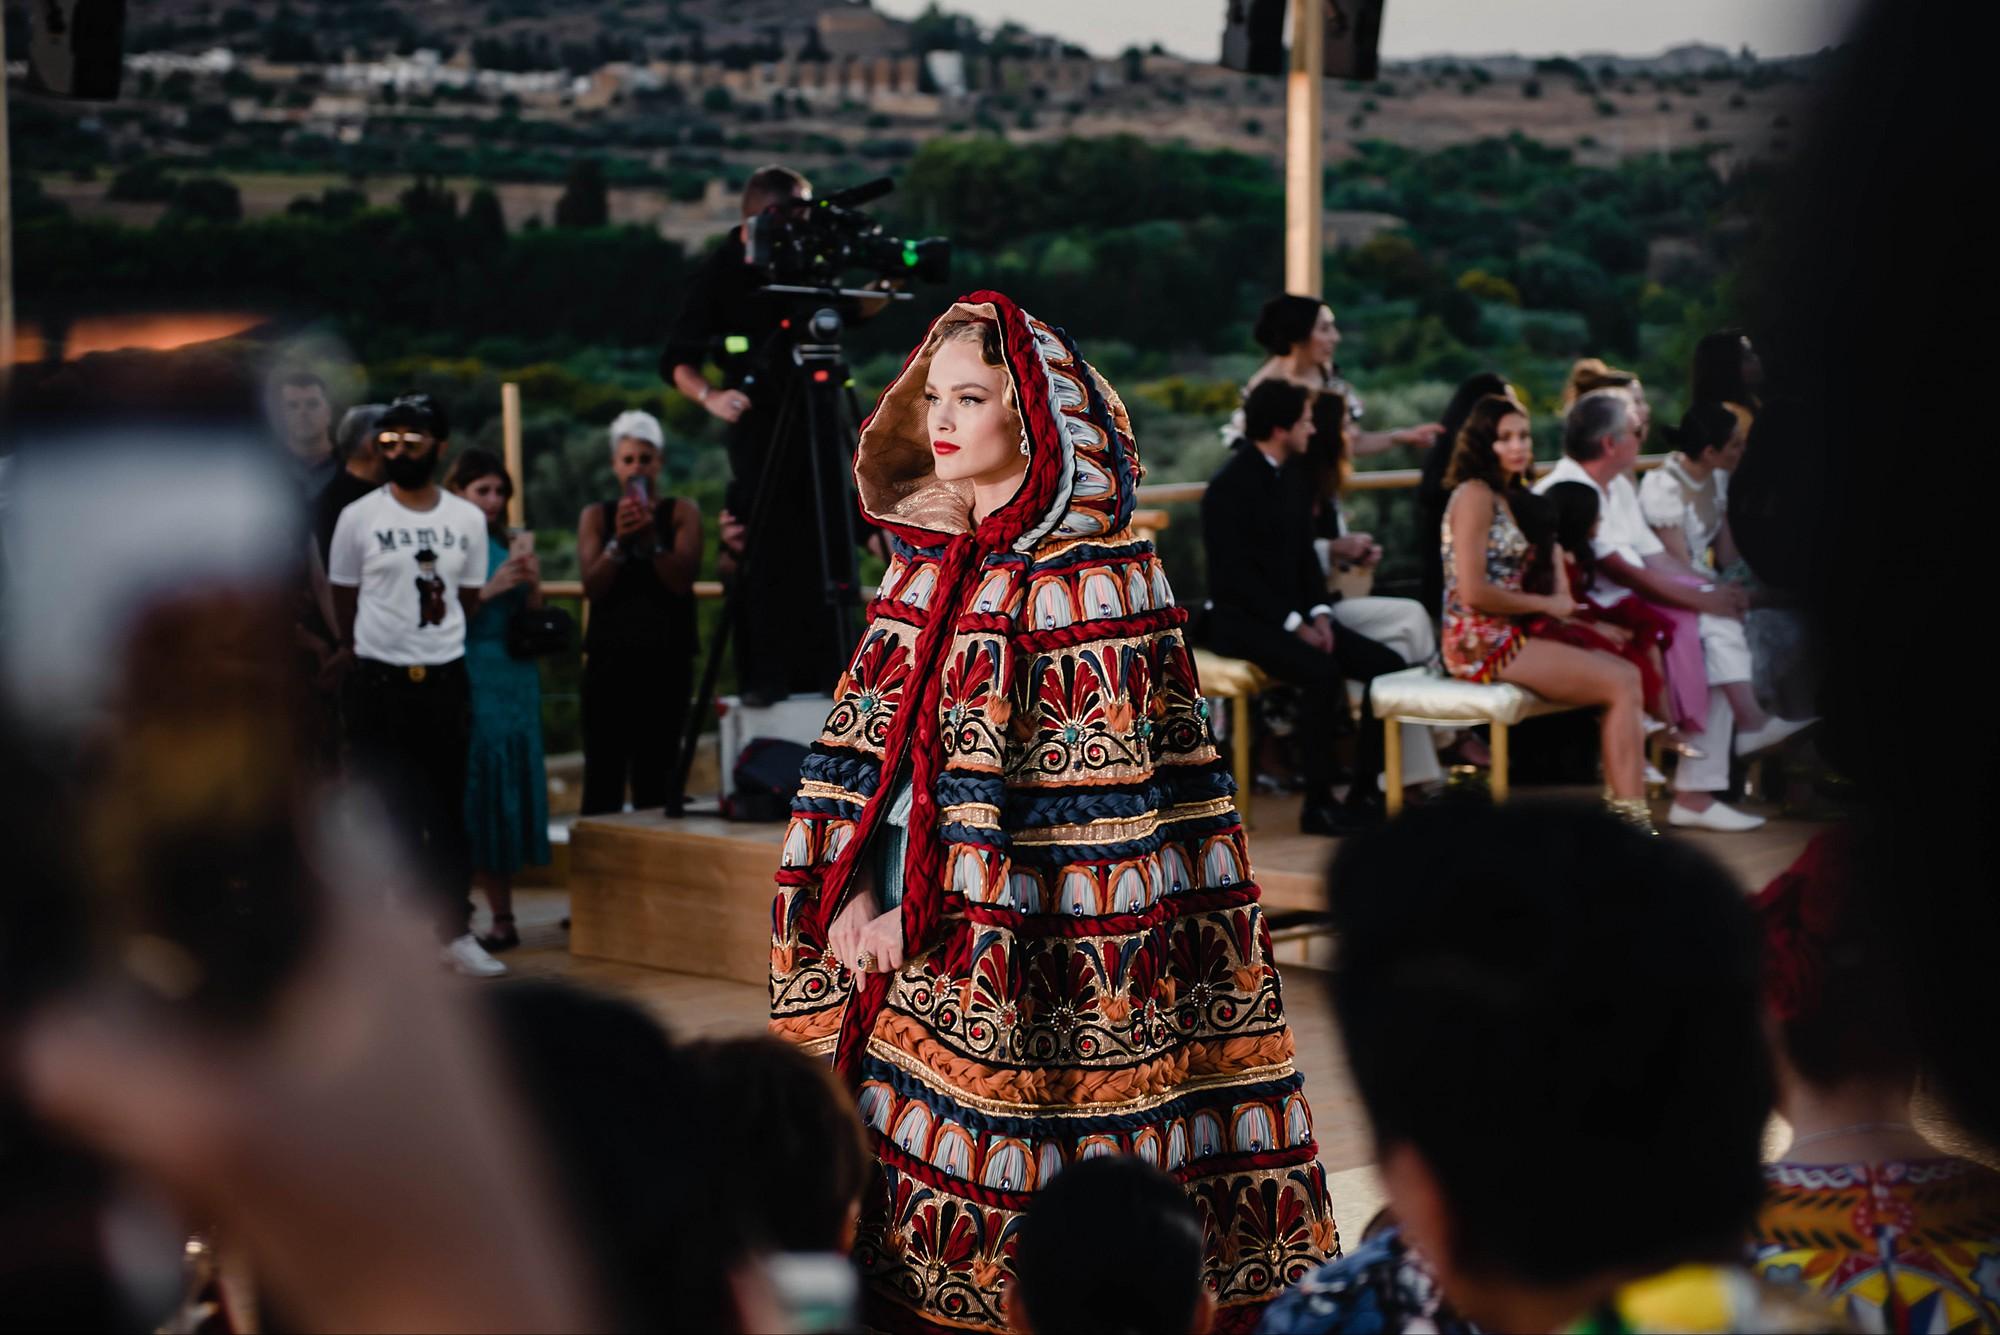 Sững sờ chiêm ngưỡng các nữ thần Hy Lạp bằng xương bằng thịt tại show diễn của Dolce&Gabbana - Ảnh 7.